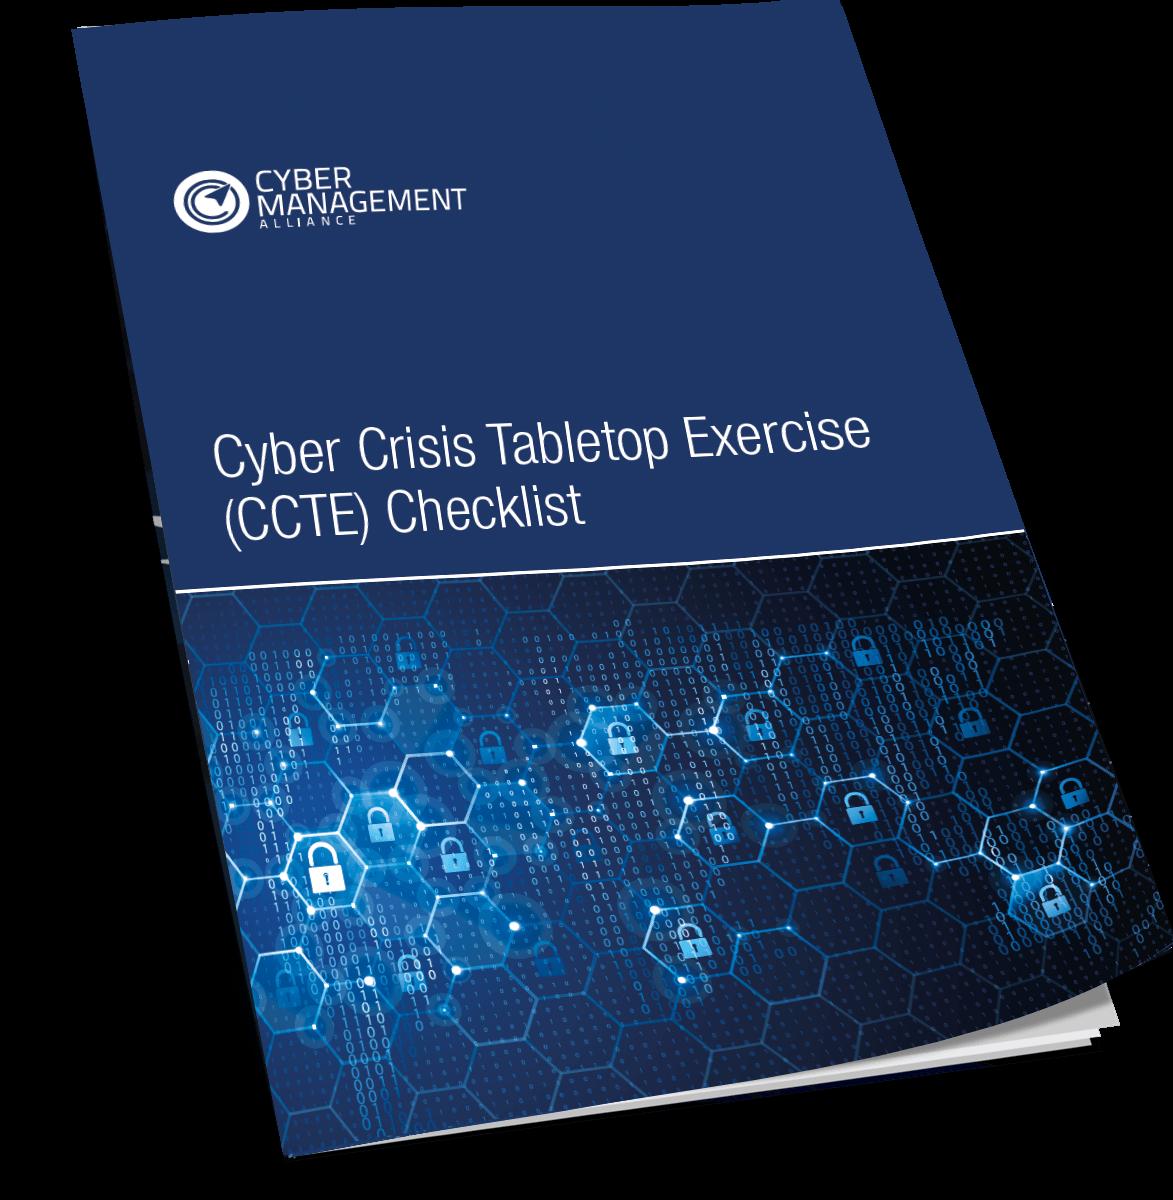 CCTE Checklist